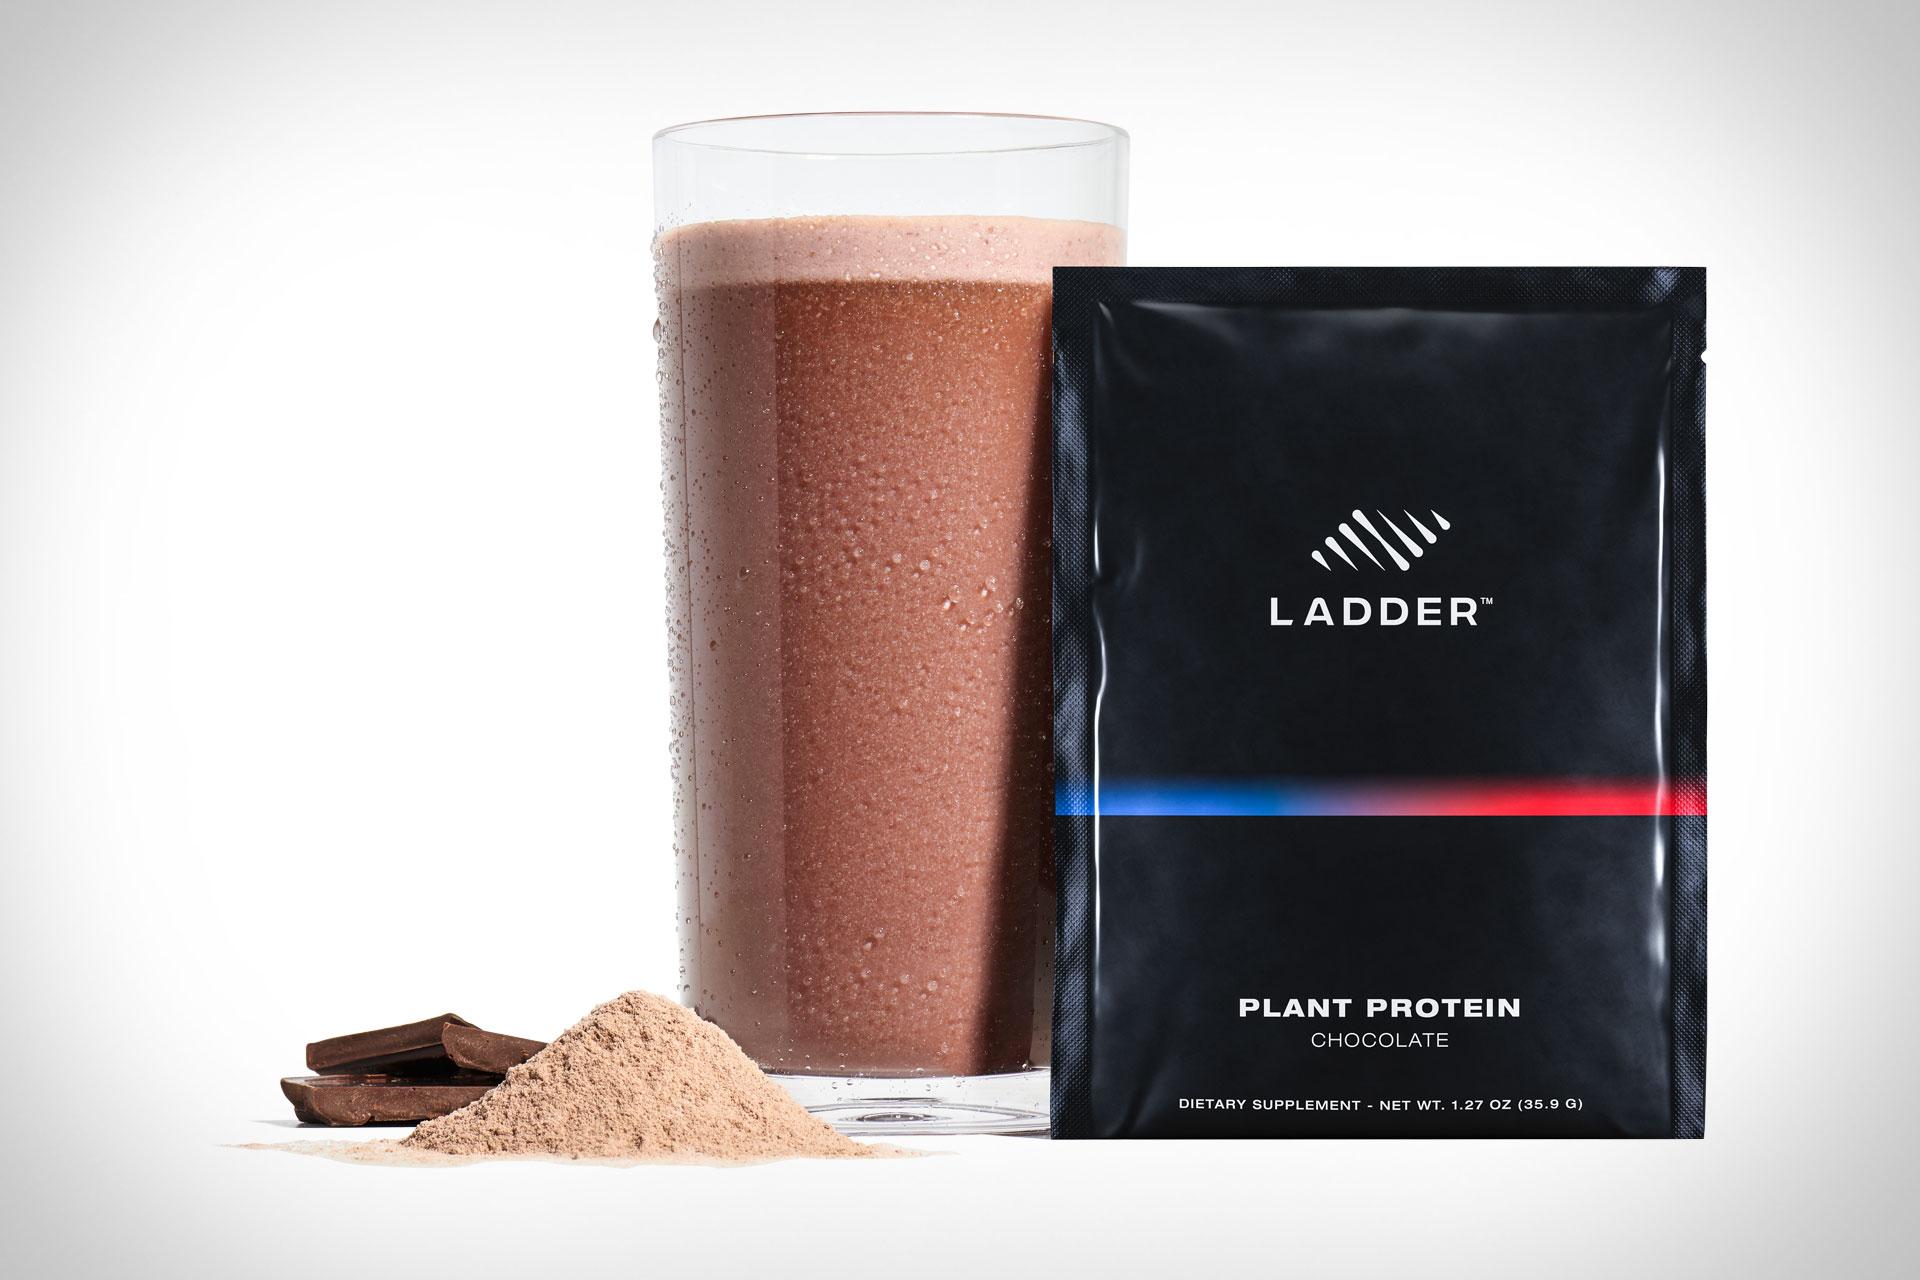 Ladder Plant Protein